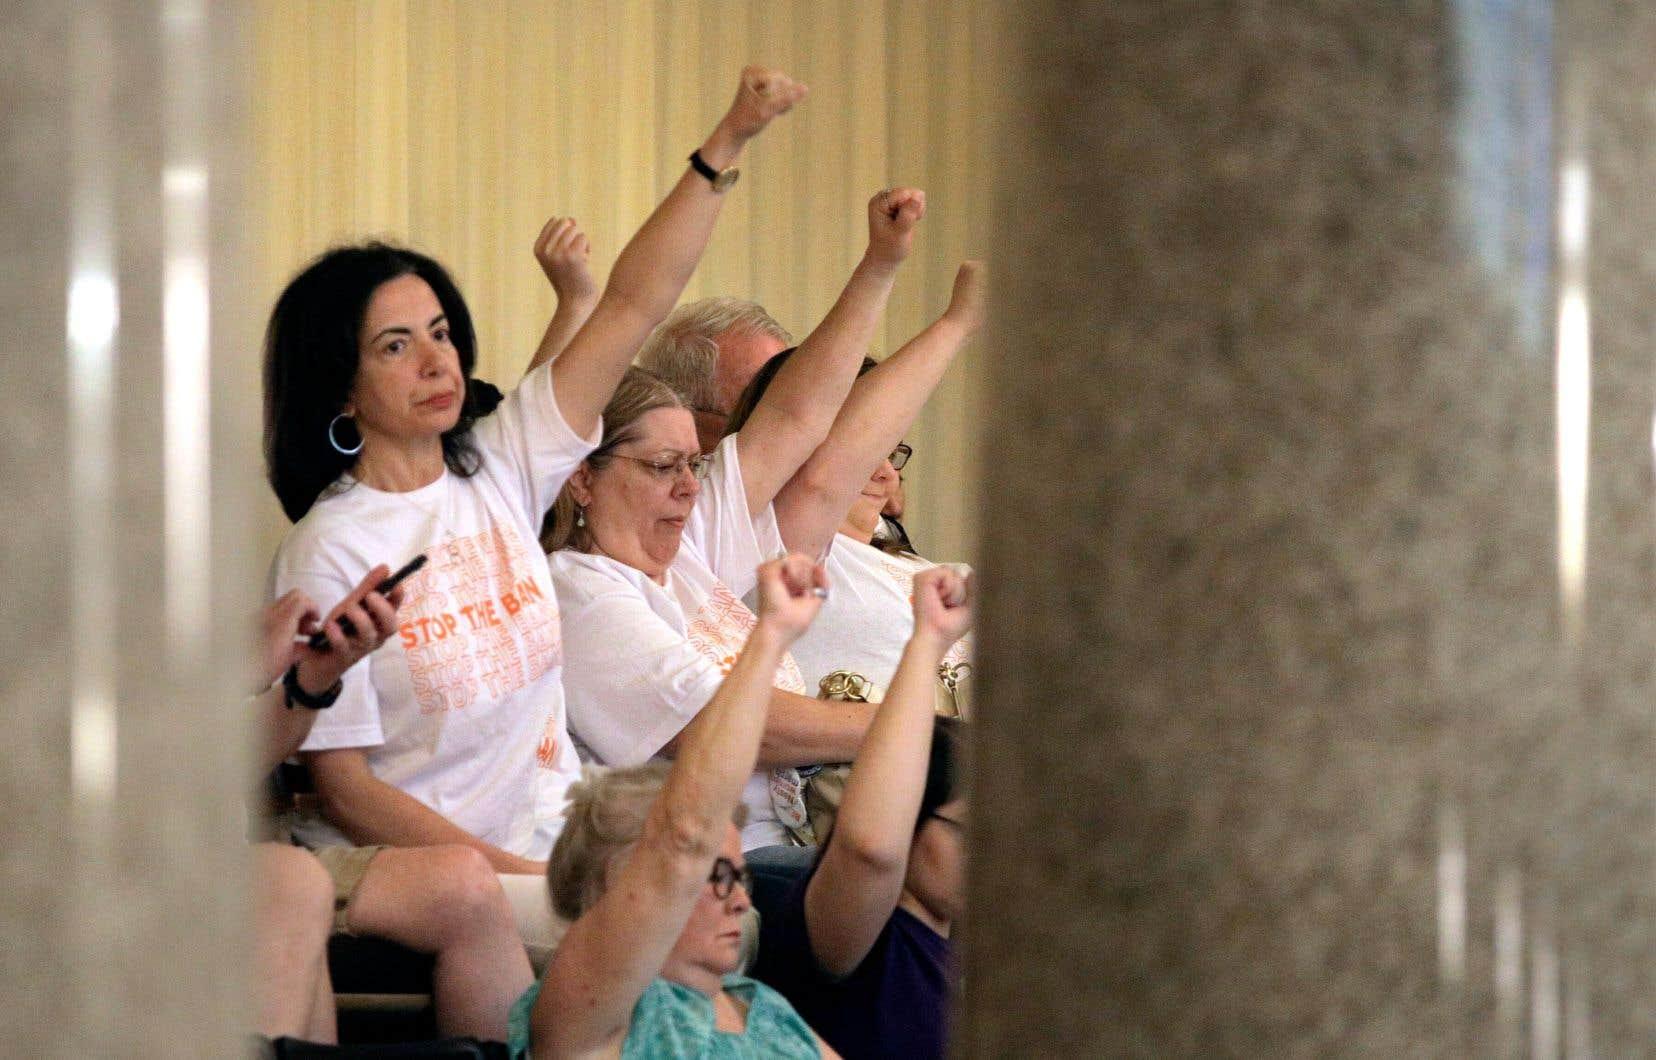 Des manifestantes pour le droit à l'avortement, vendredi, au Missouri. La même journée, le Parlement de cet État a adopté une loi interdisant aux médecins de pratiquer des avortements après la huitième semaine de grossesse.